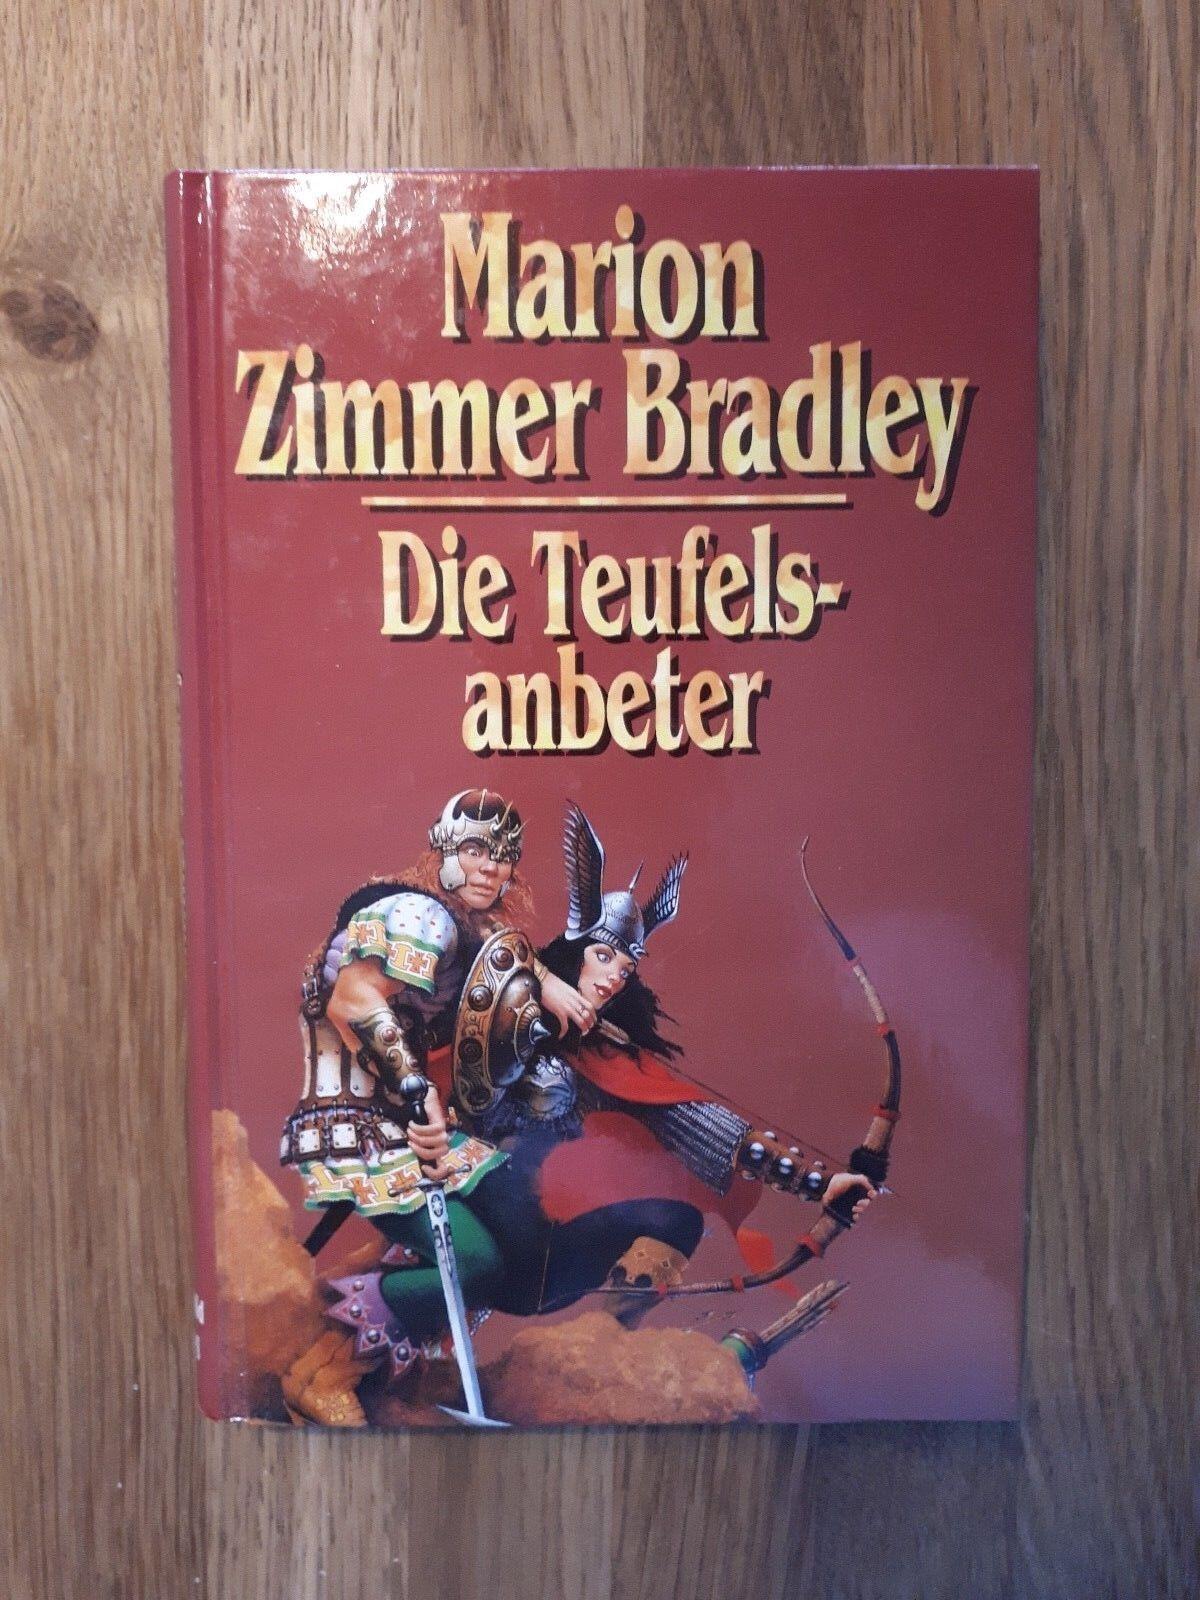 der Bronzedrache Bradley Marion Zimmer 29471   eBay